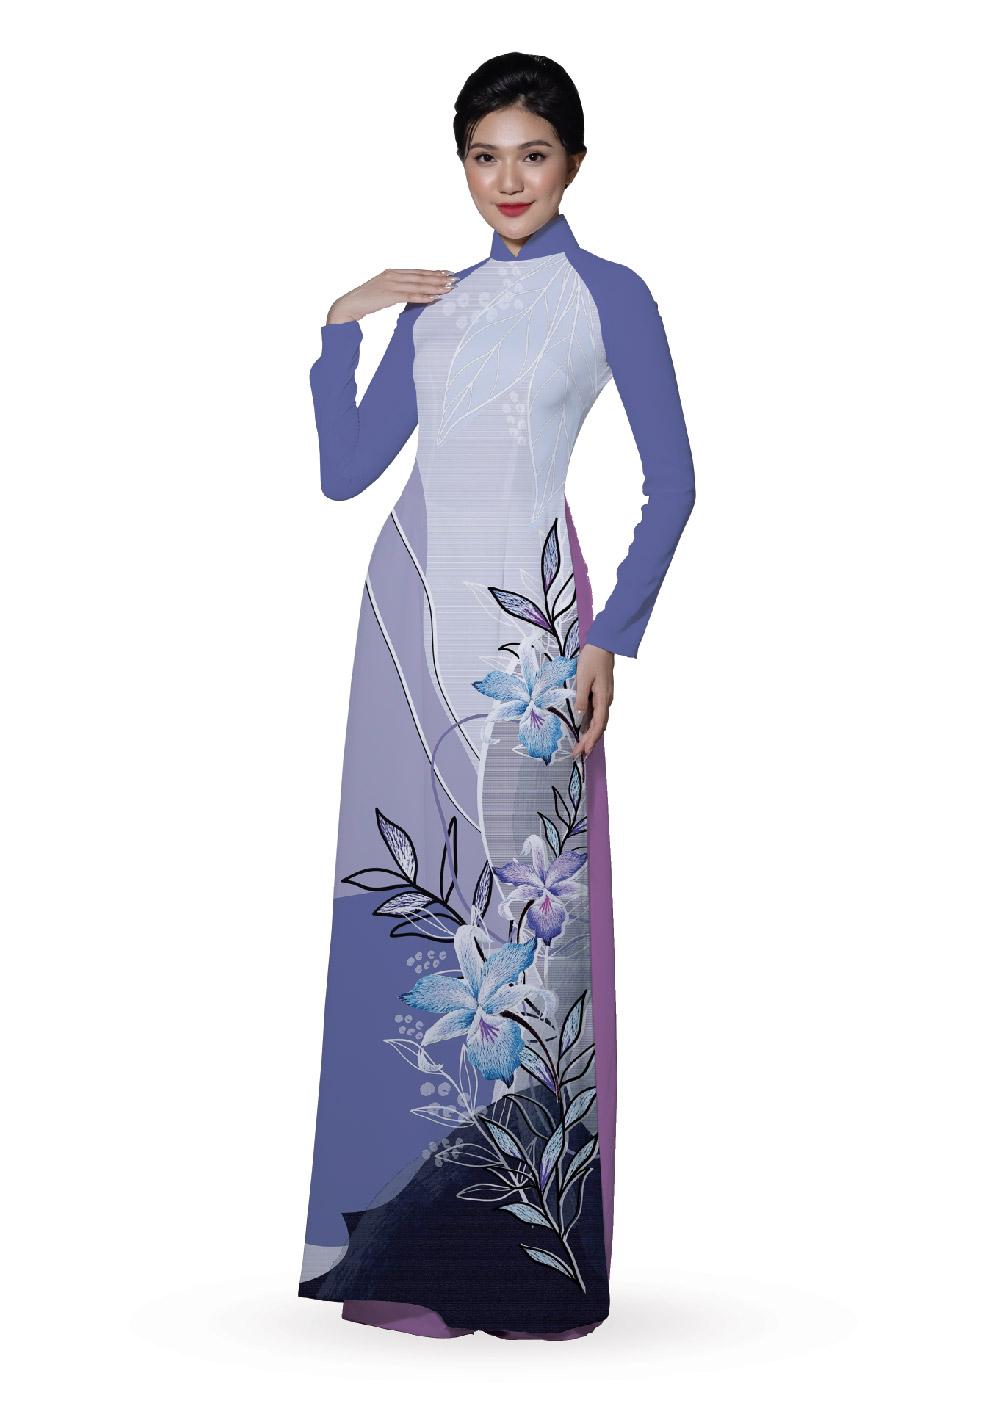 ASBR533-315-DQR | Vải Áo Dài Hoa Văn In